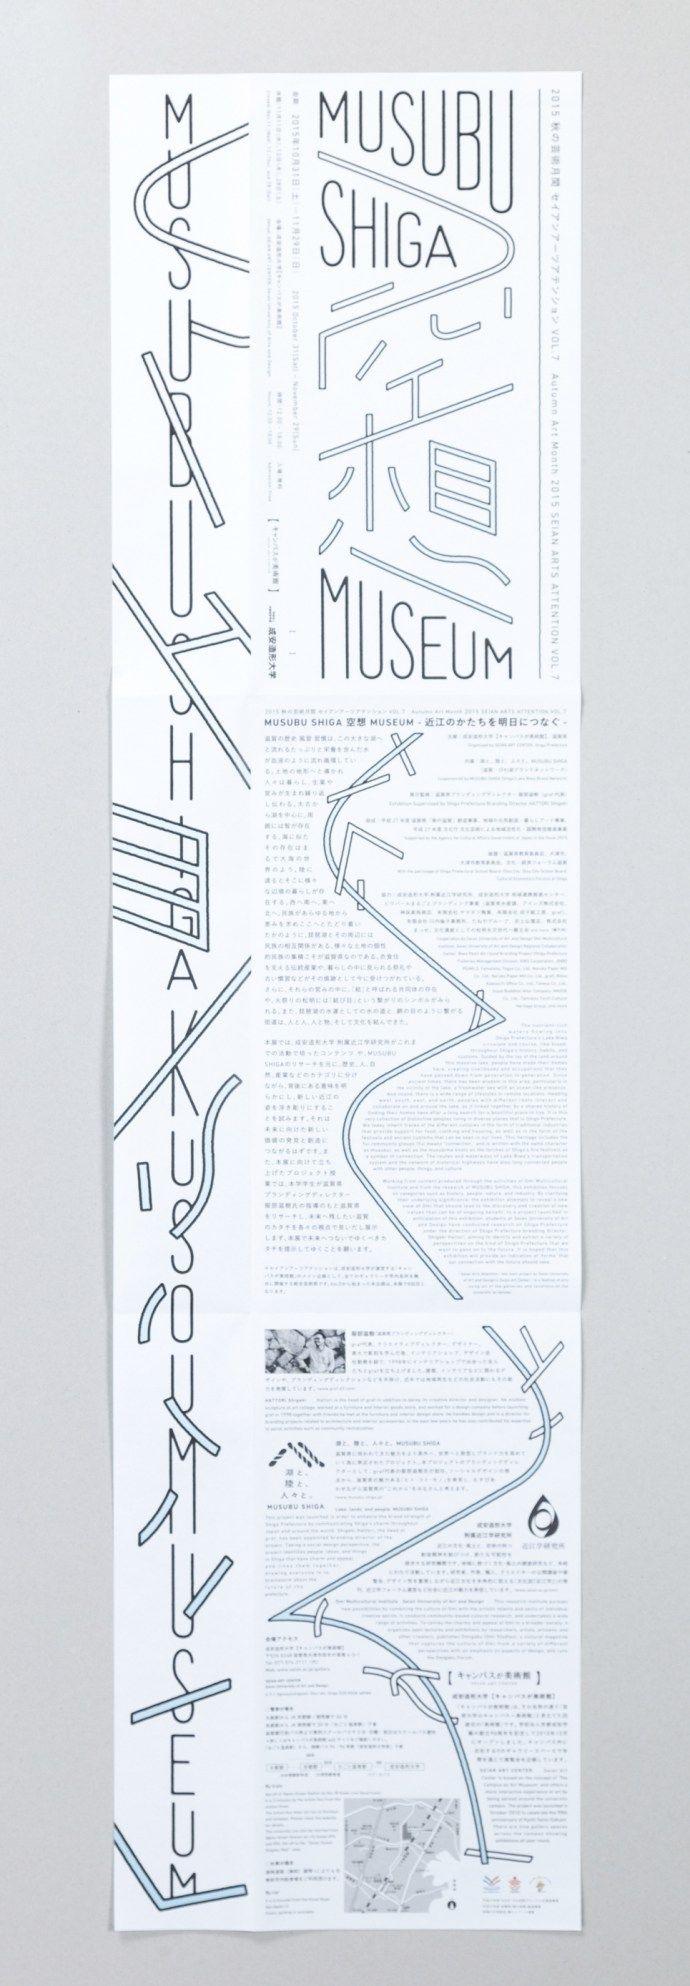 空想博物館 DM 設計   MyDesy 淘靈感